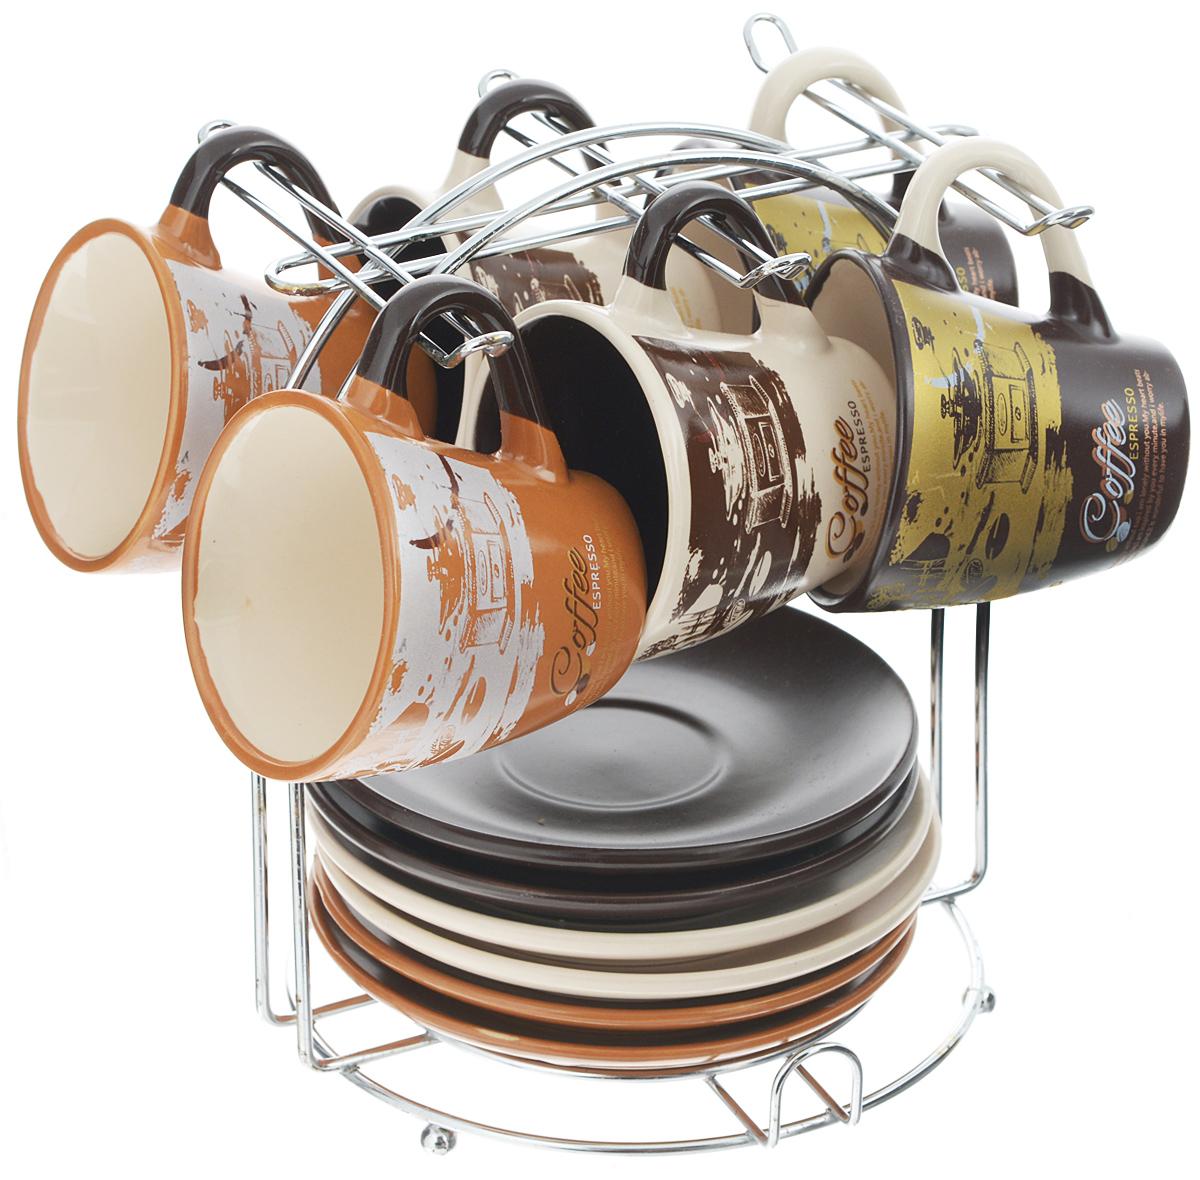 Набор кофейный Loraine, на подставке, 13 предметов24666Кофейный набор Loraine состоит из 6 чашек, 6 блюдец и подставки. Изделия выполнены из высококачественной керамики, имеют яркий дизайн и размещены на металлической подставке. Такой набор прекрасно подойдет как для повседневного использования, так и для праздников. Диаметр чашки (по верхнему краю): 6,5 см. Высота чашки: 6 см. Диаметр блюдца: 11,5 см. Высота блюдца: 1,7 см.Объем чашки: 90 мл. Размер подставки: 15,5 х 15 х 17 см.